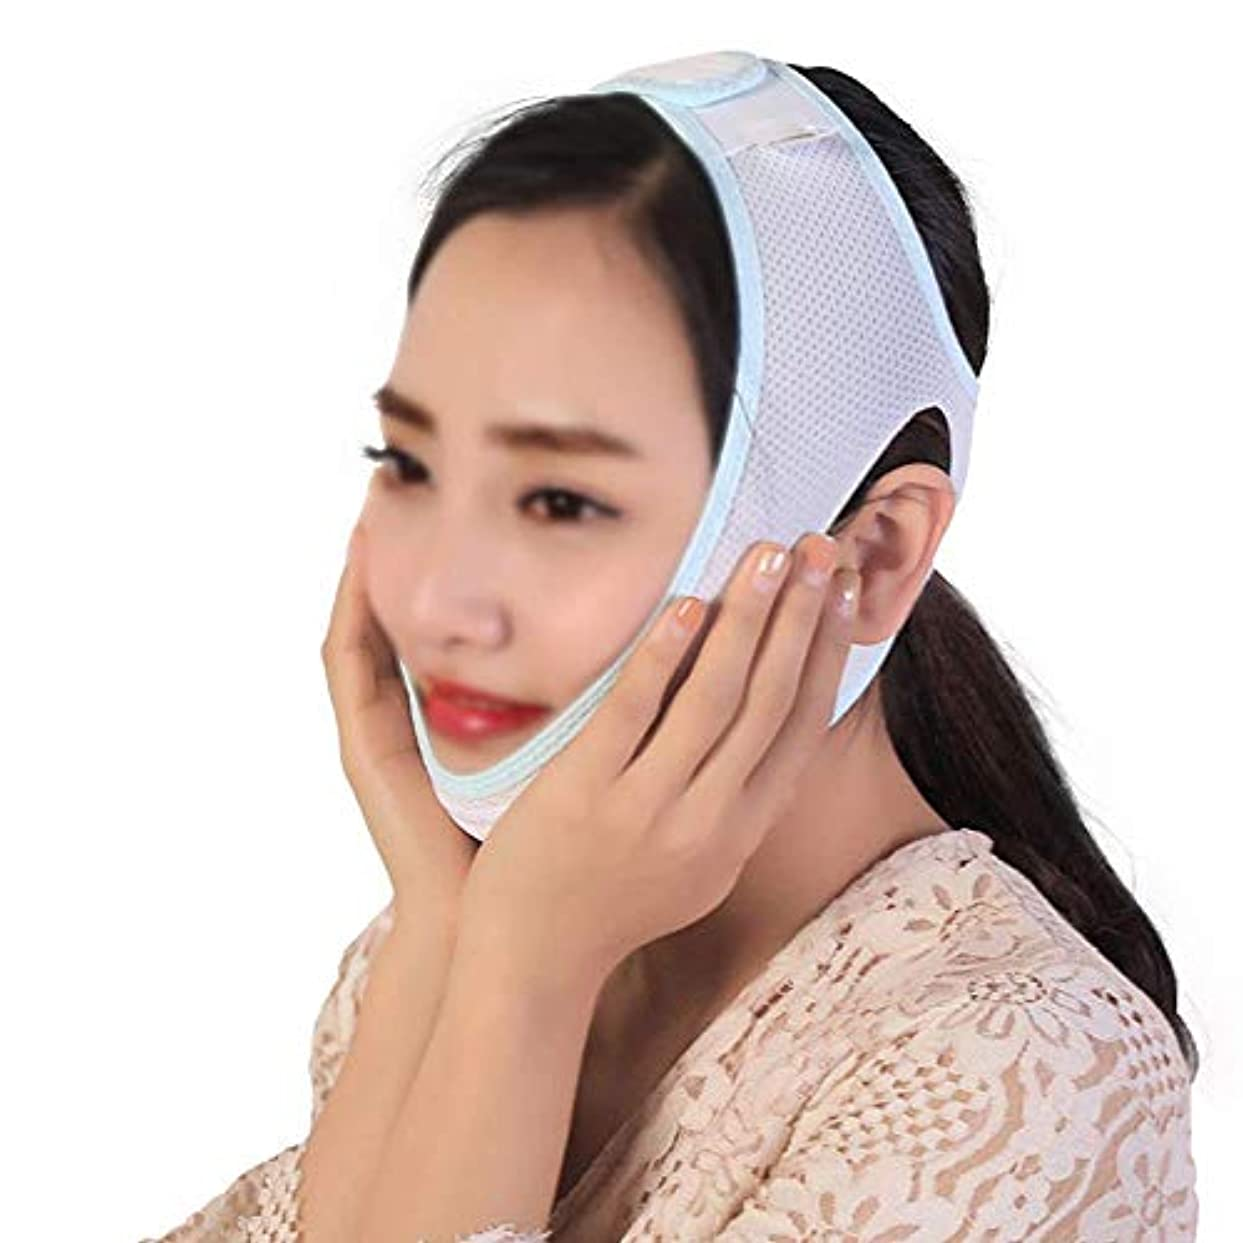 スカーフ人質頭痛ファーミングフェイスマスク、スモールVフェイスアーティファクトリフティングフェイスプラスチックフェイスマスクコンフォートアップグレード最適化フェイスカーブの向上包括的な通気性のある包帯(サイズ:L)